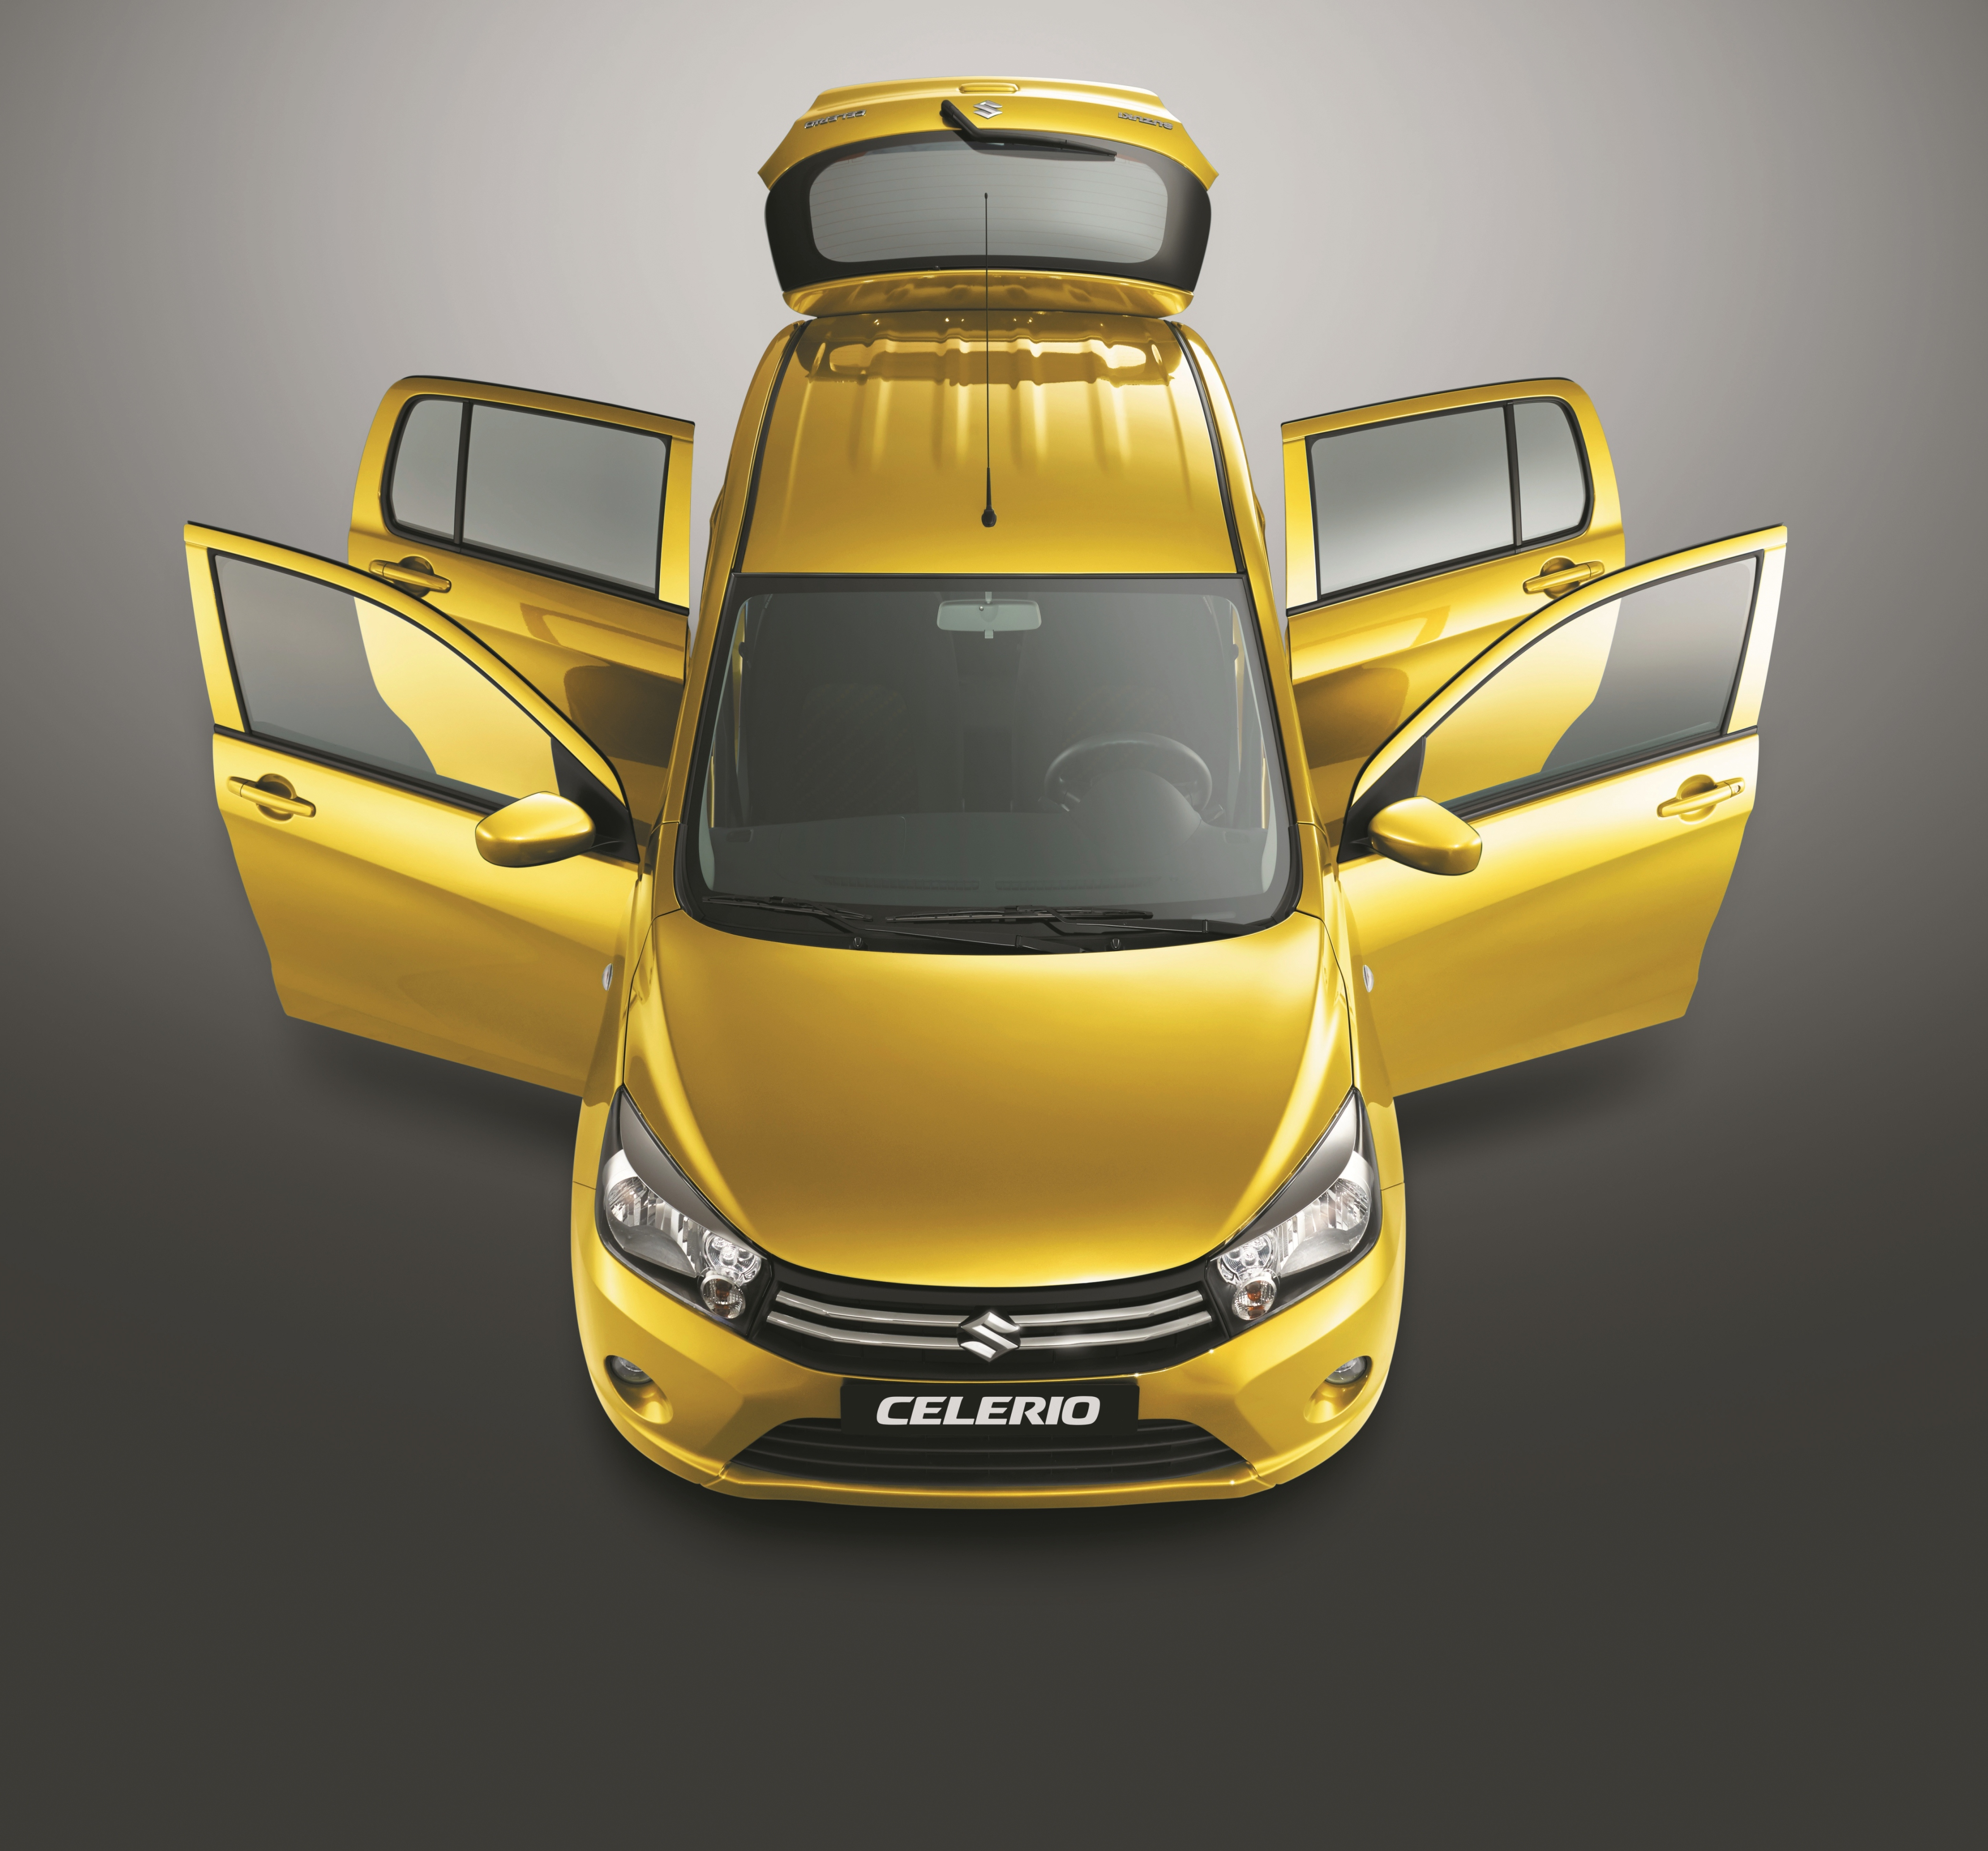 Motorinolimits auto f1 motori turismo stili di vita for Piani di produzione